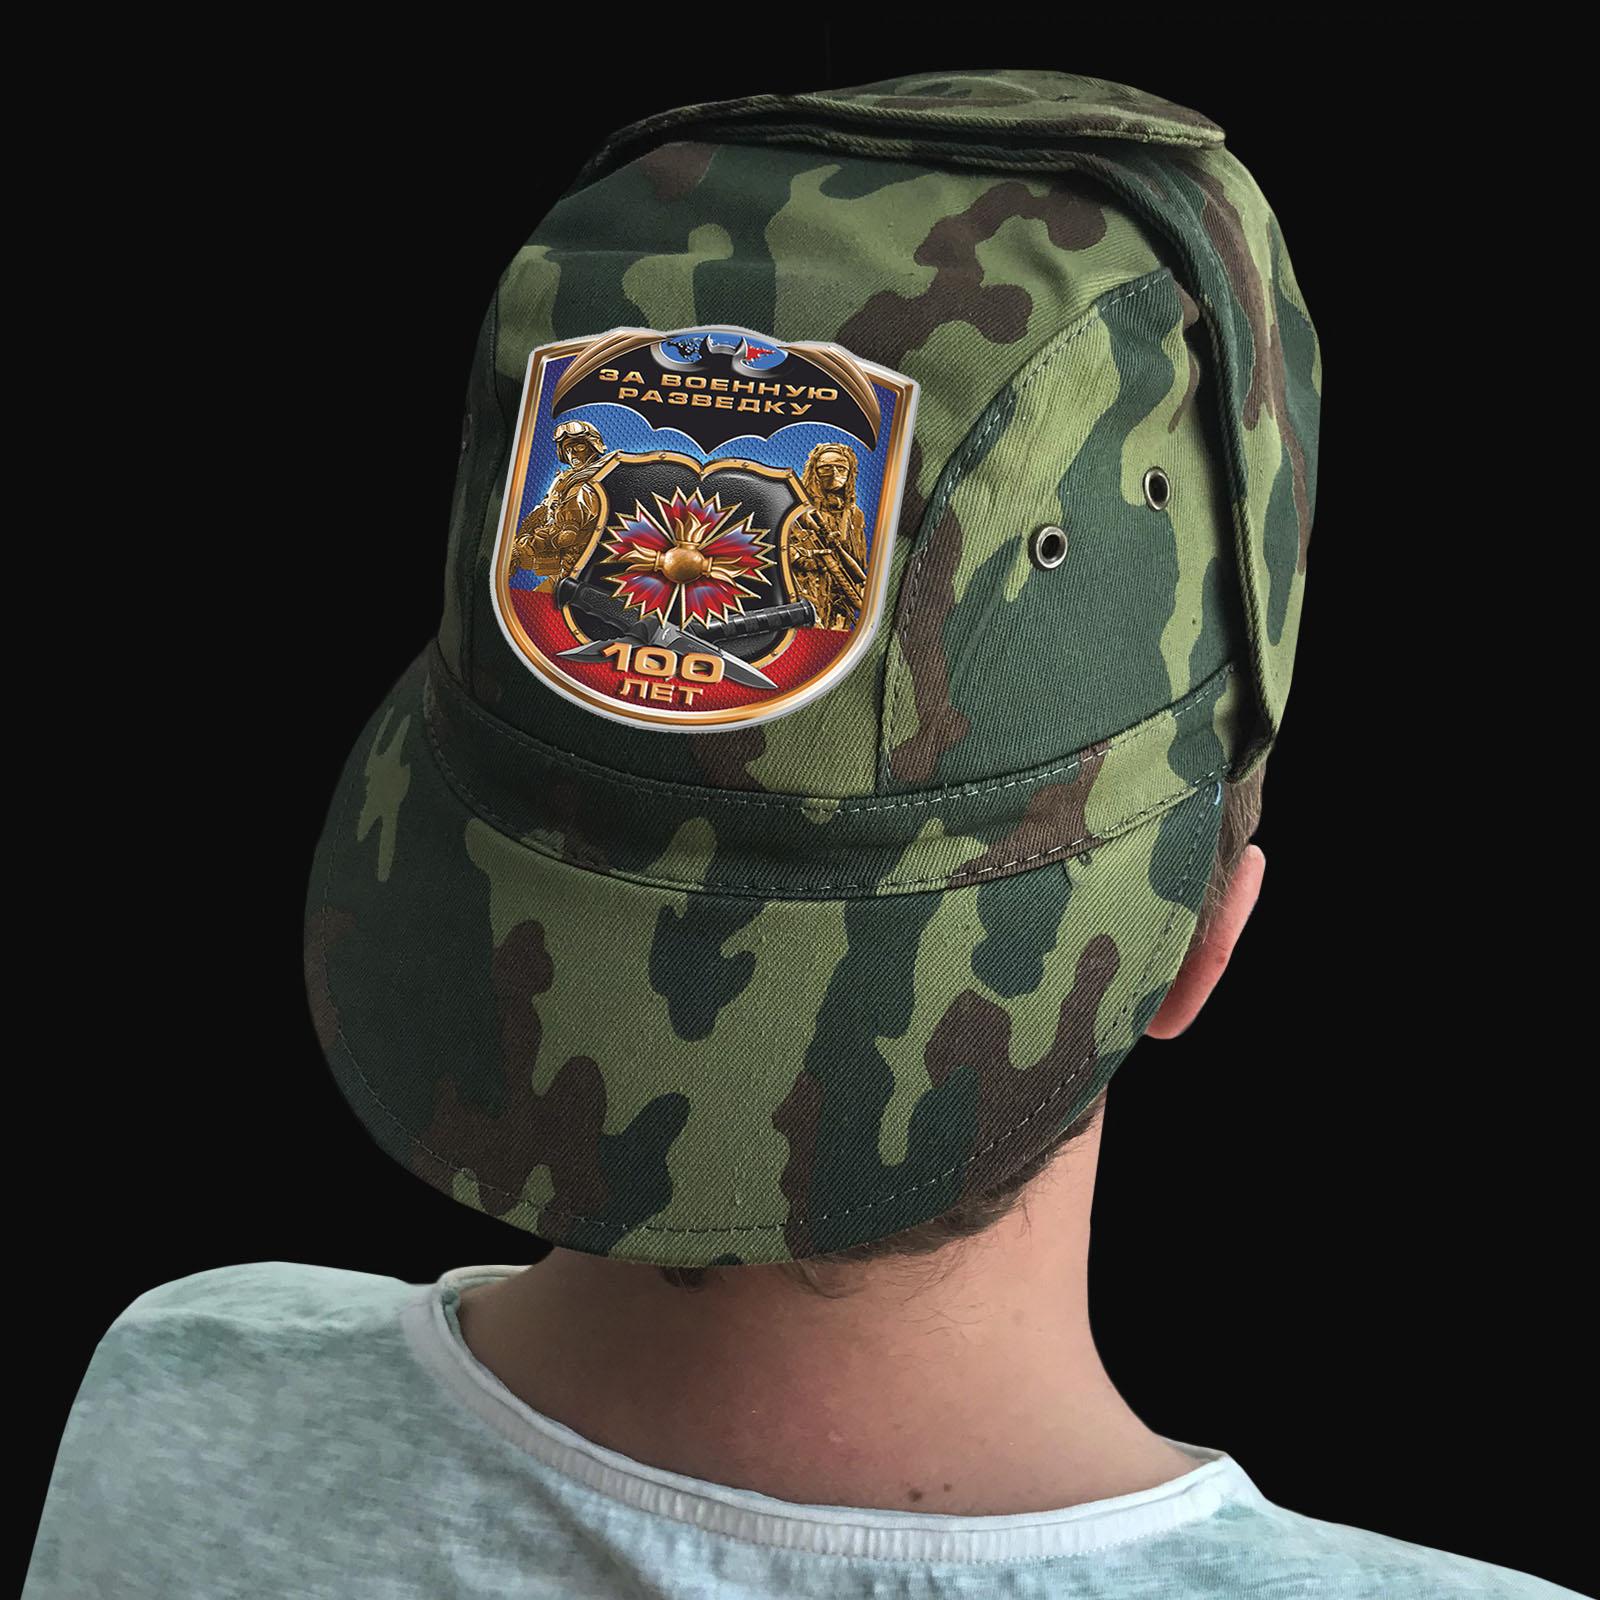 Купить камуфляжную надежную кепку с термотрансфером Военная Разведка в подарок